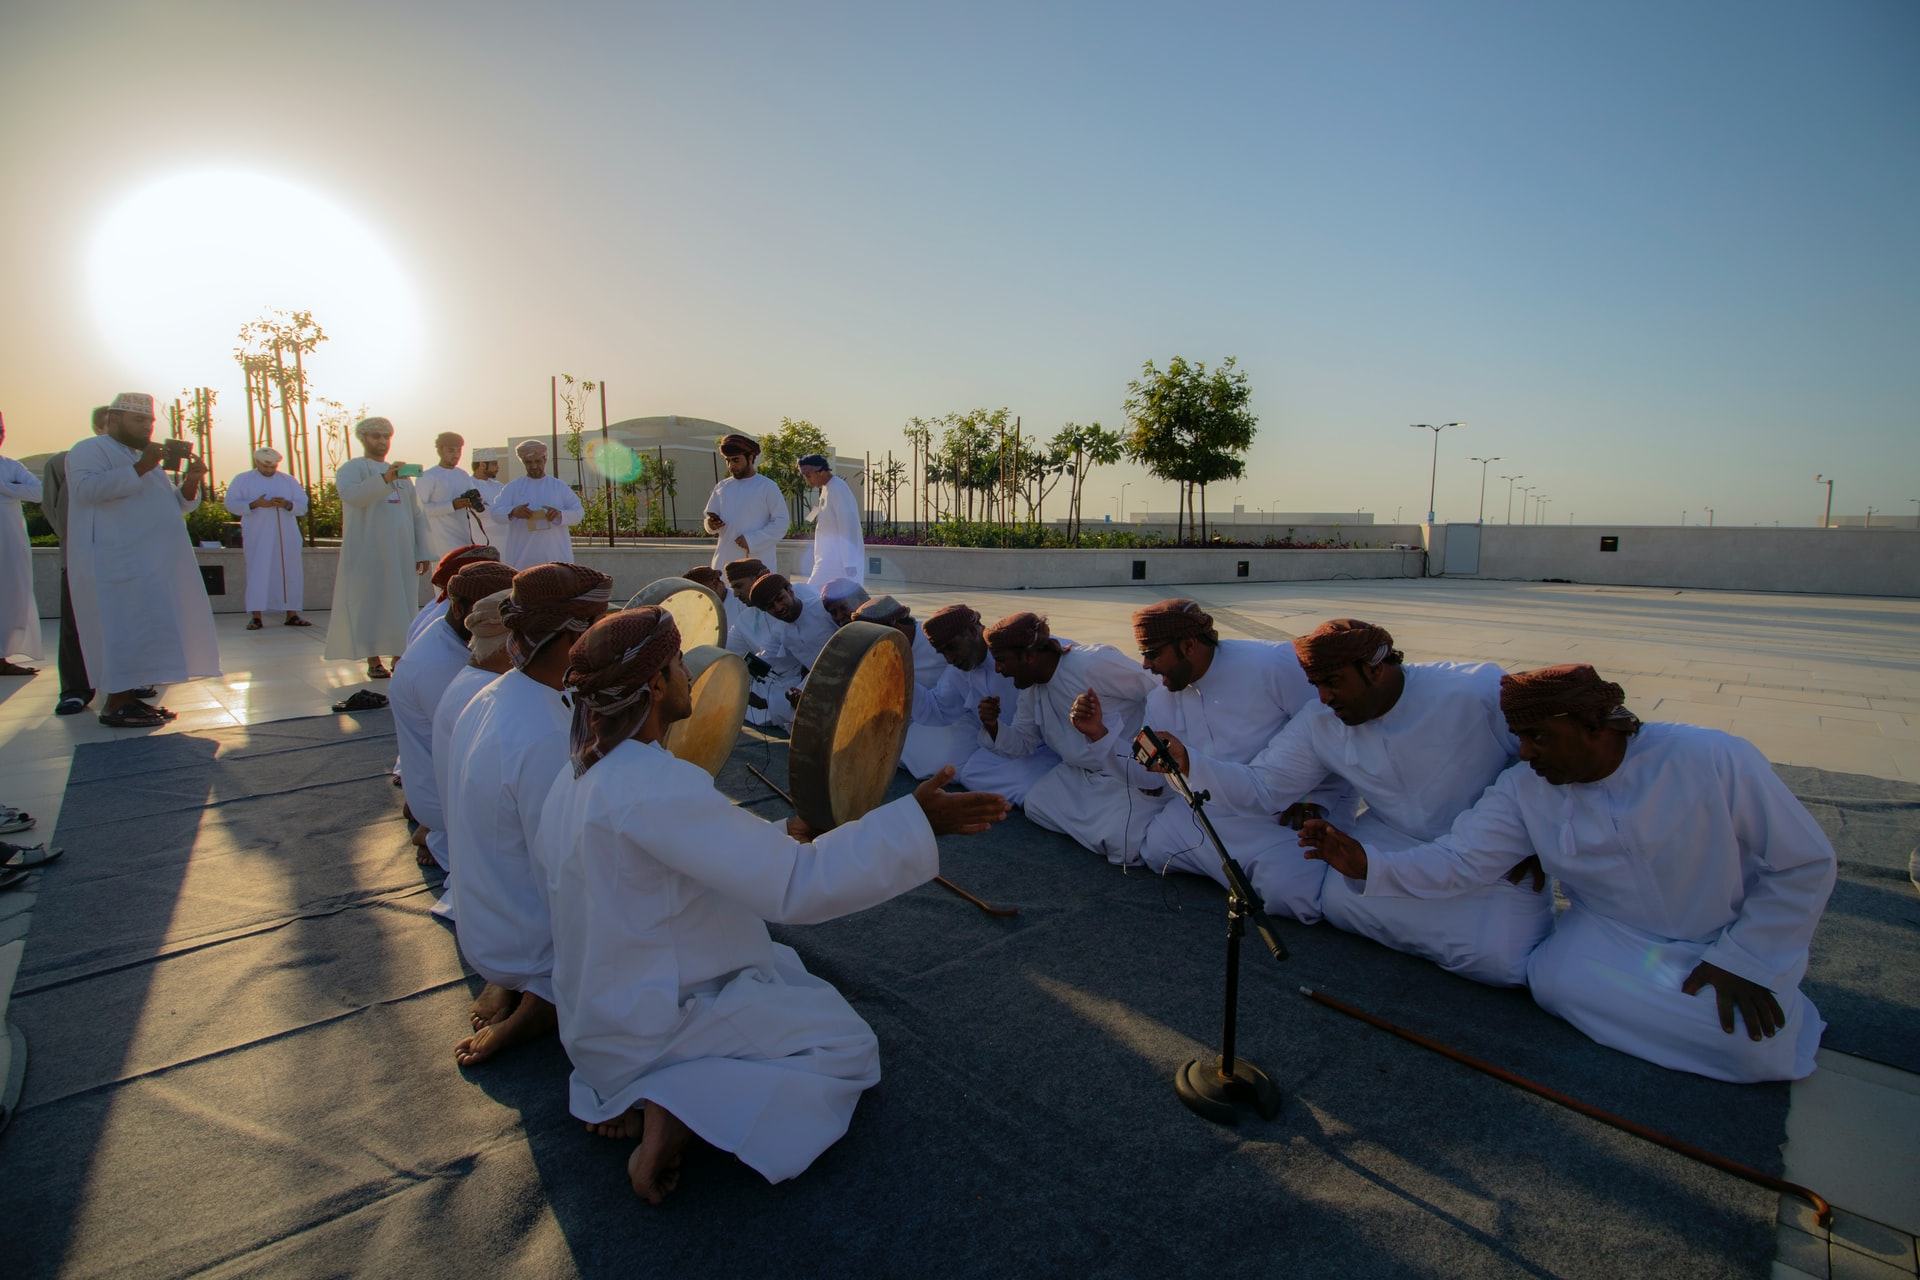 kneeling men